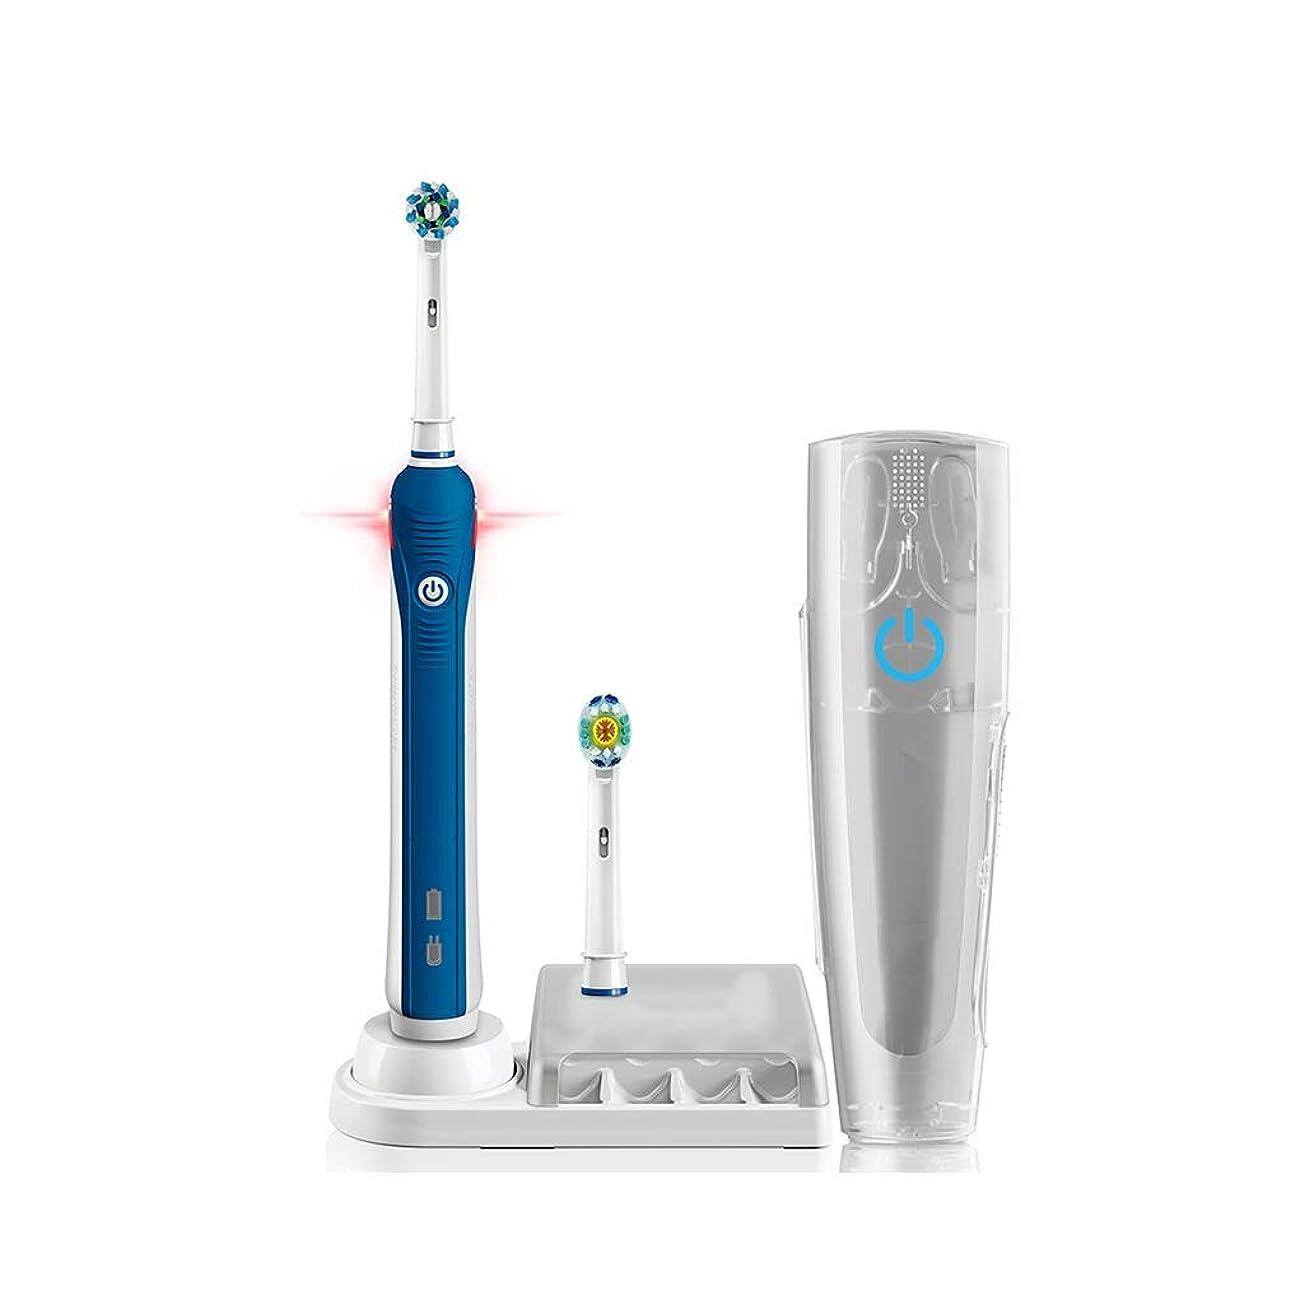 尊厳ガム線形電動歯ブラシ ?3D音波振動電動歯ブラシ大人充電式歯ブラシでブラシヘッド* 2?トラベルボックス